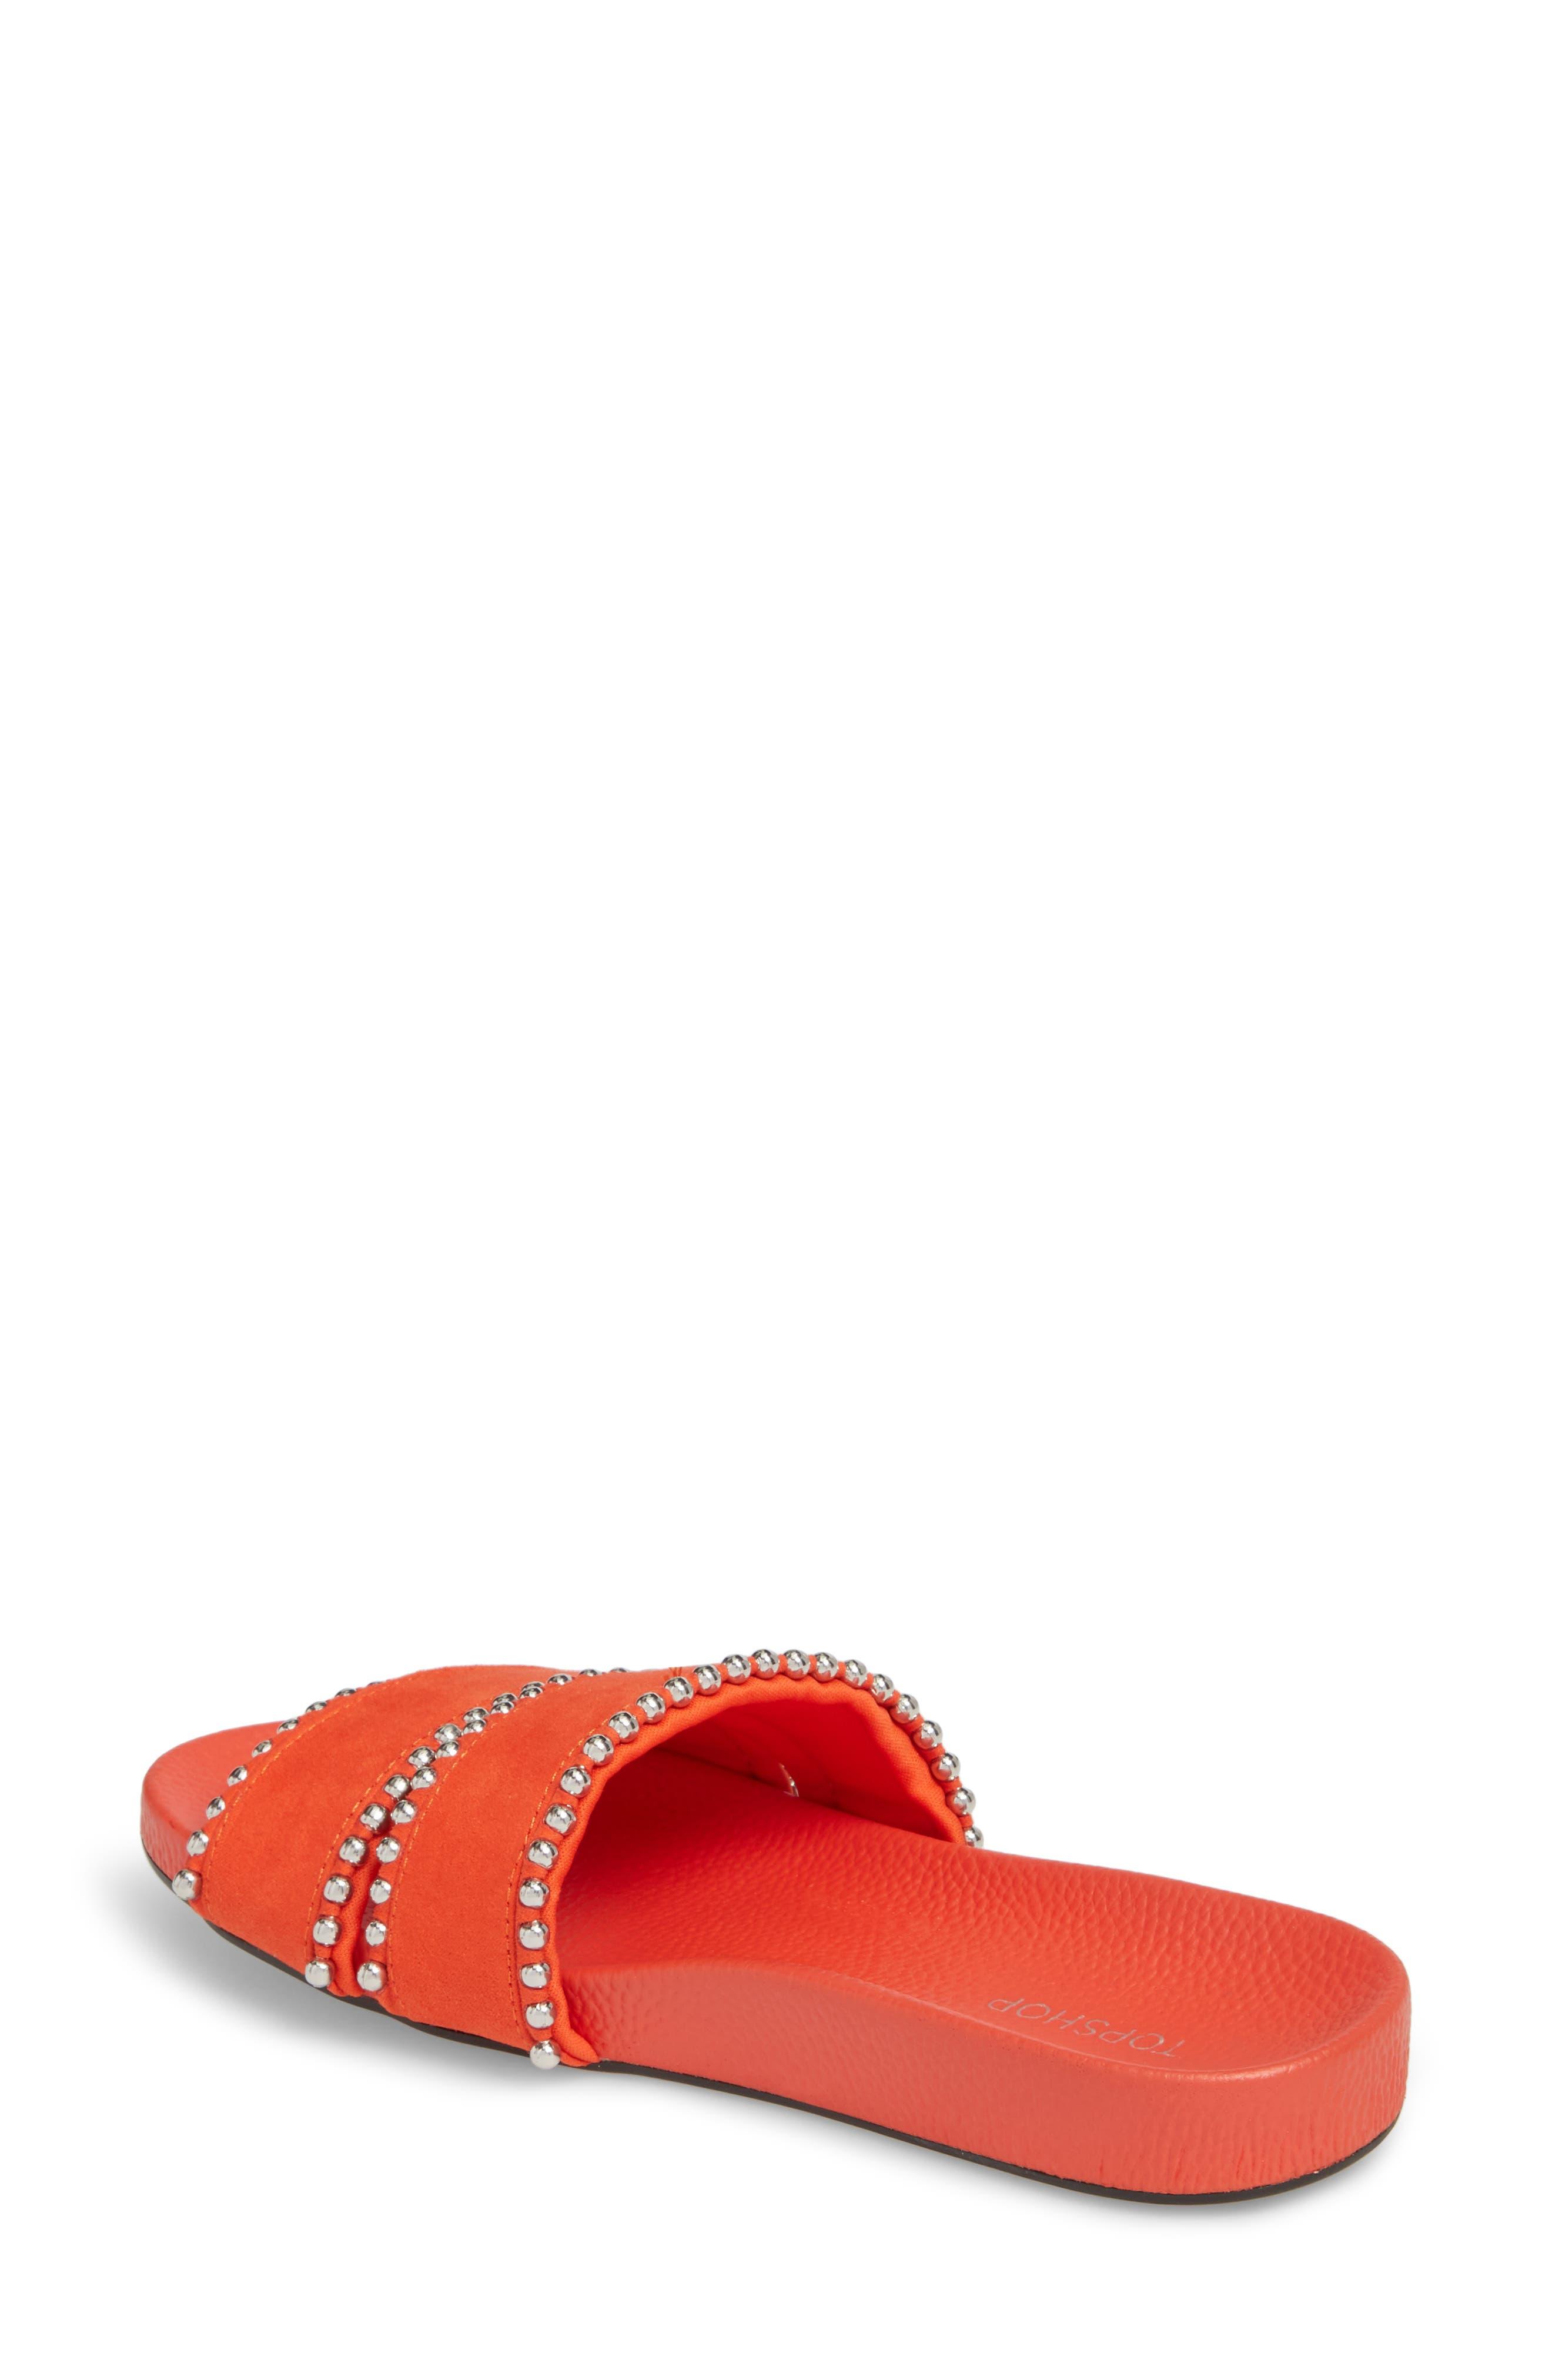 Rascal Studded Slide Sandal,                             Alternate thumbnail 2, color,                             Red